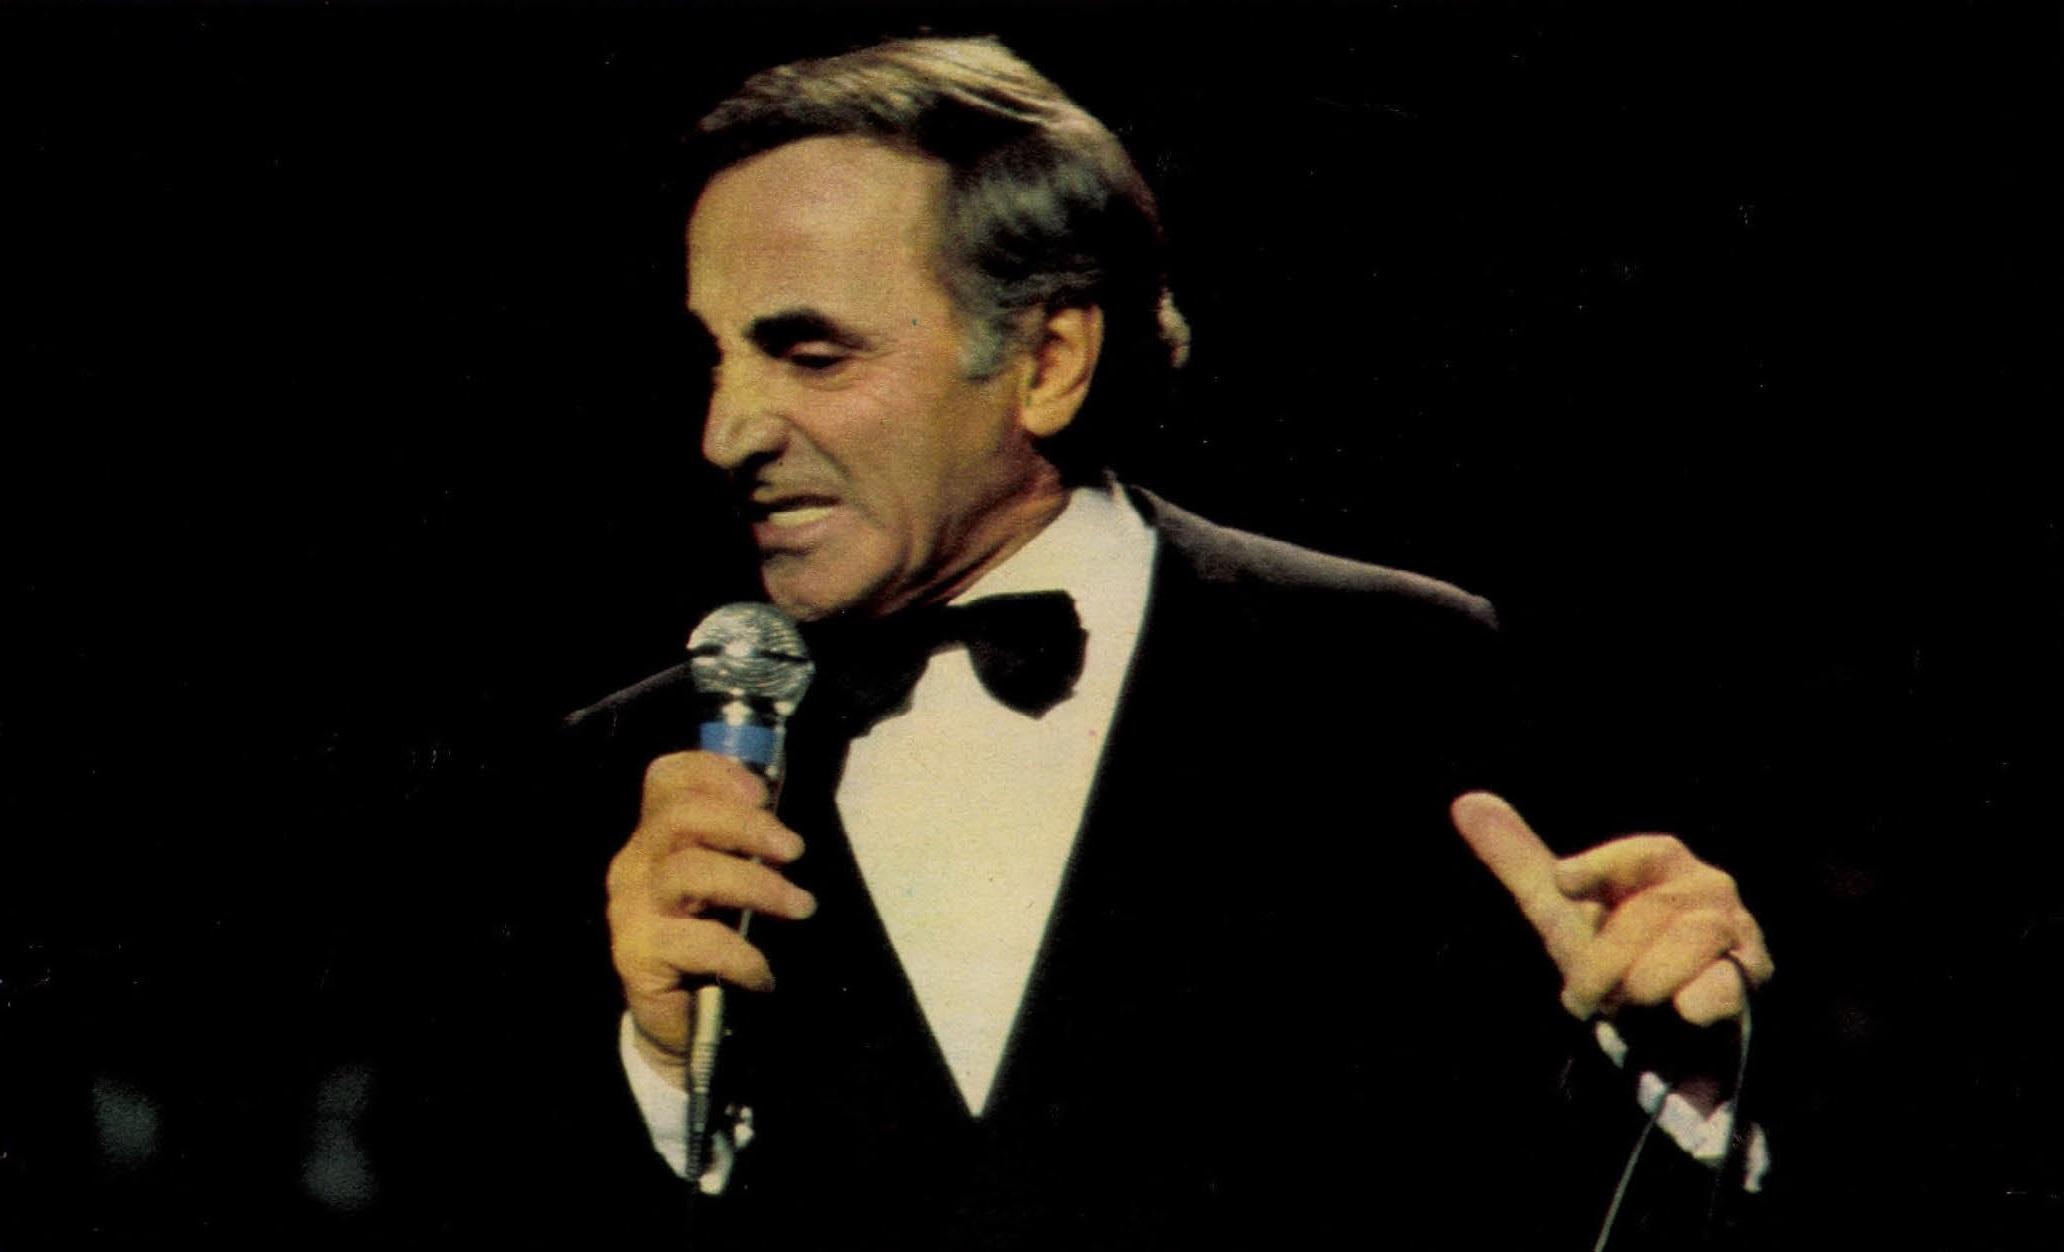 idokapszula_nb_i_1982_83_oszi_zaras_edzoi_gyorsmerleg_2_mtv_szilveszter_charles_aznavour.jpg